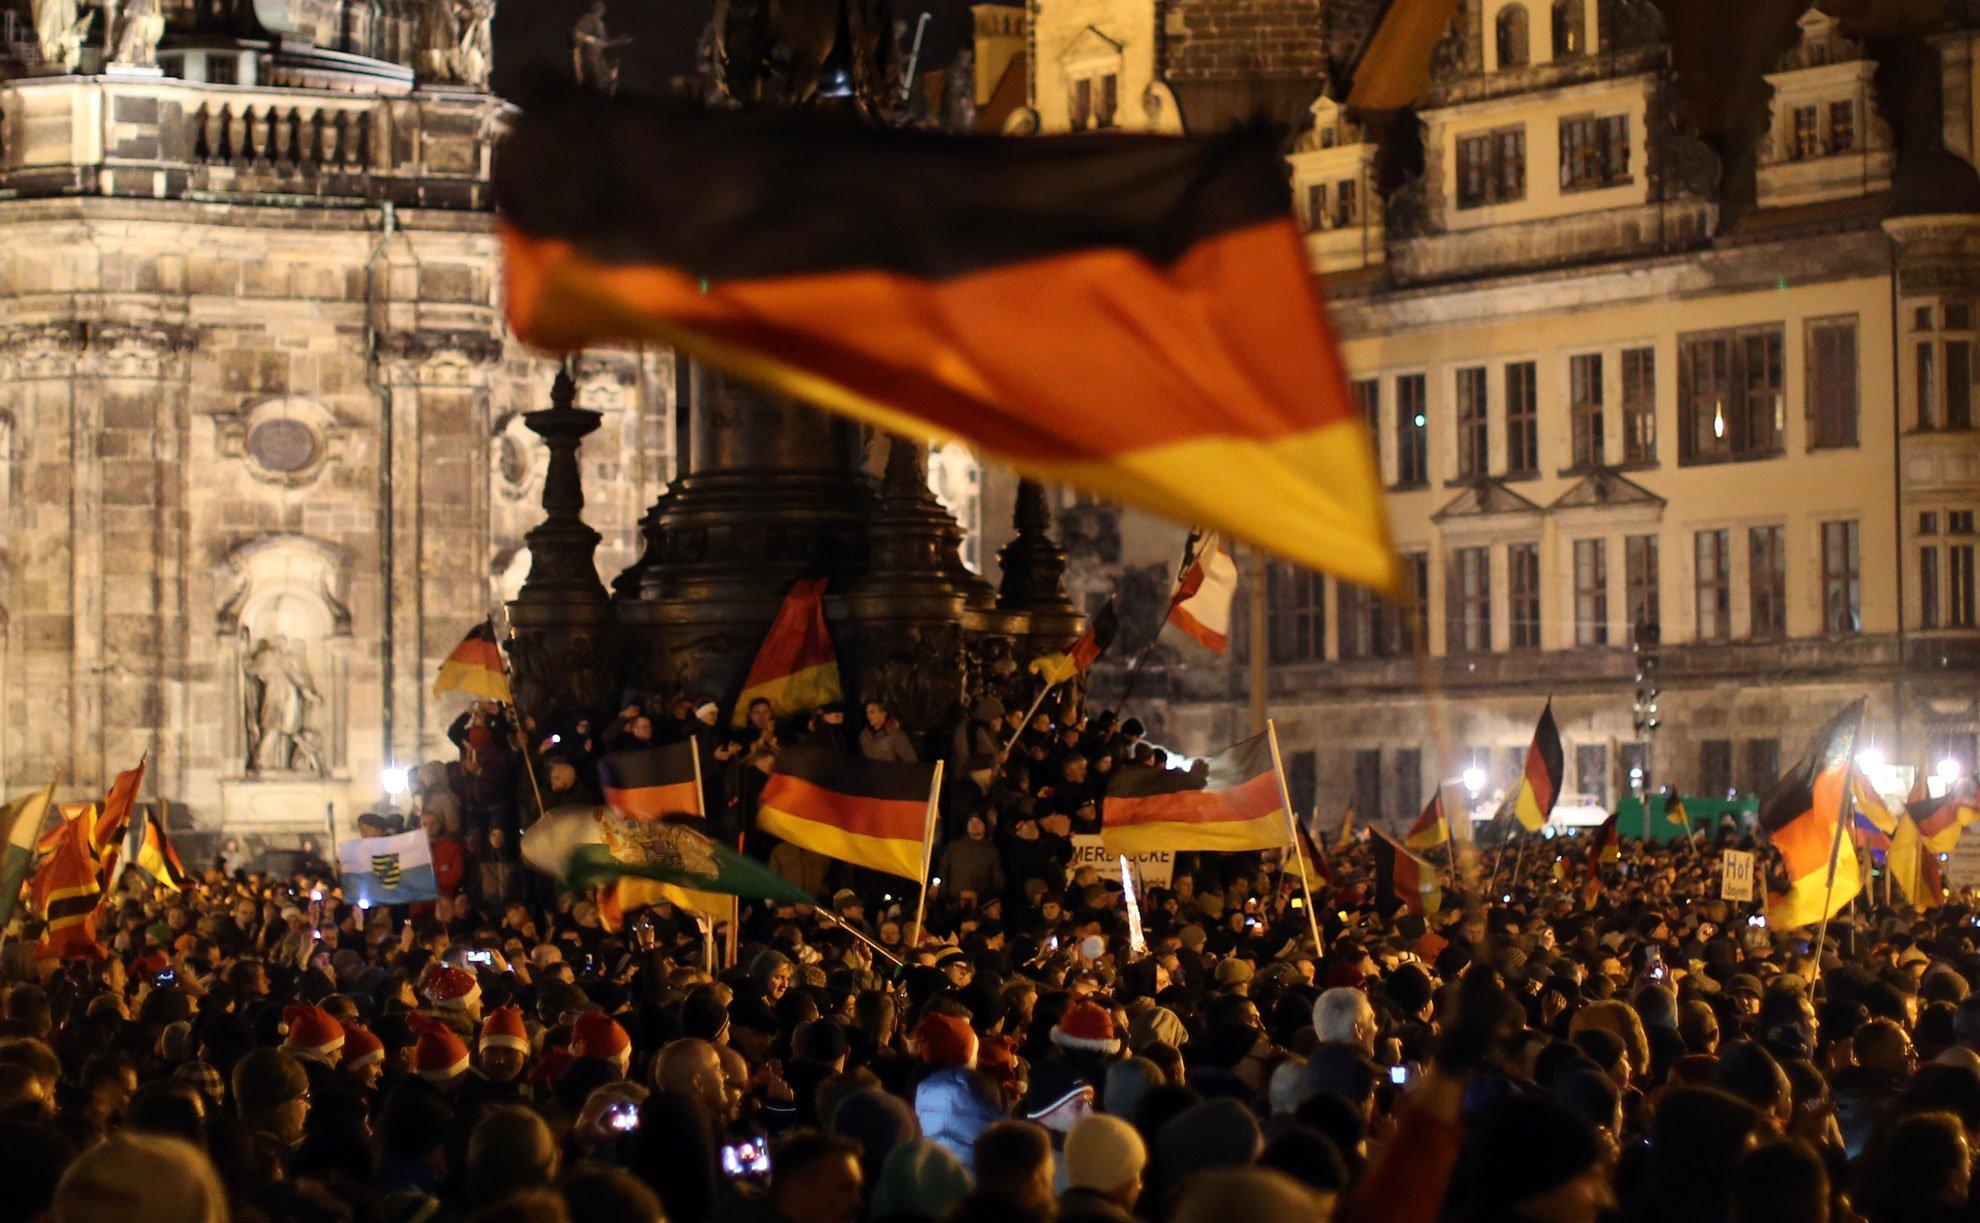 Κολωνία: Ποιοί και γιατί διαδηλώνουν σήμερα;